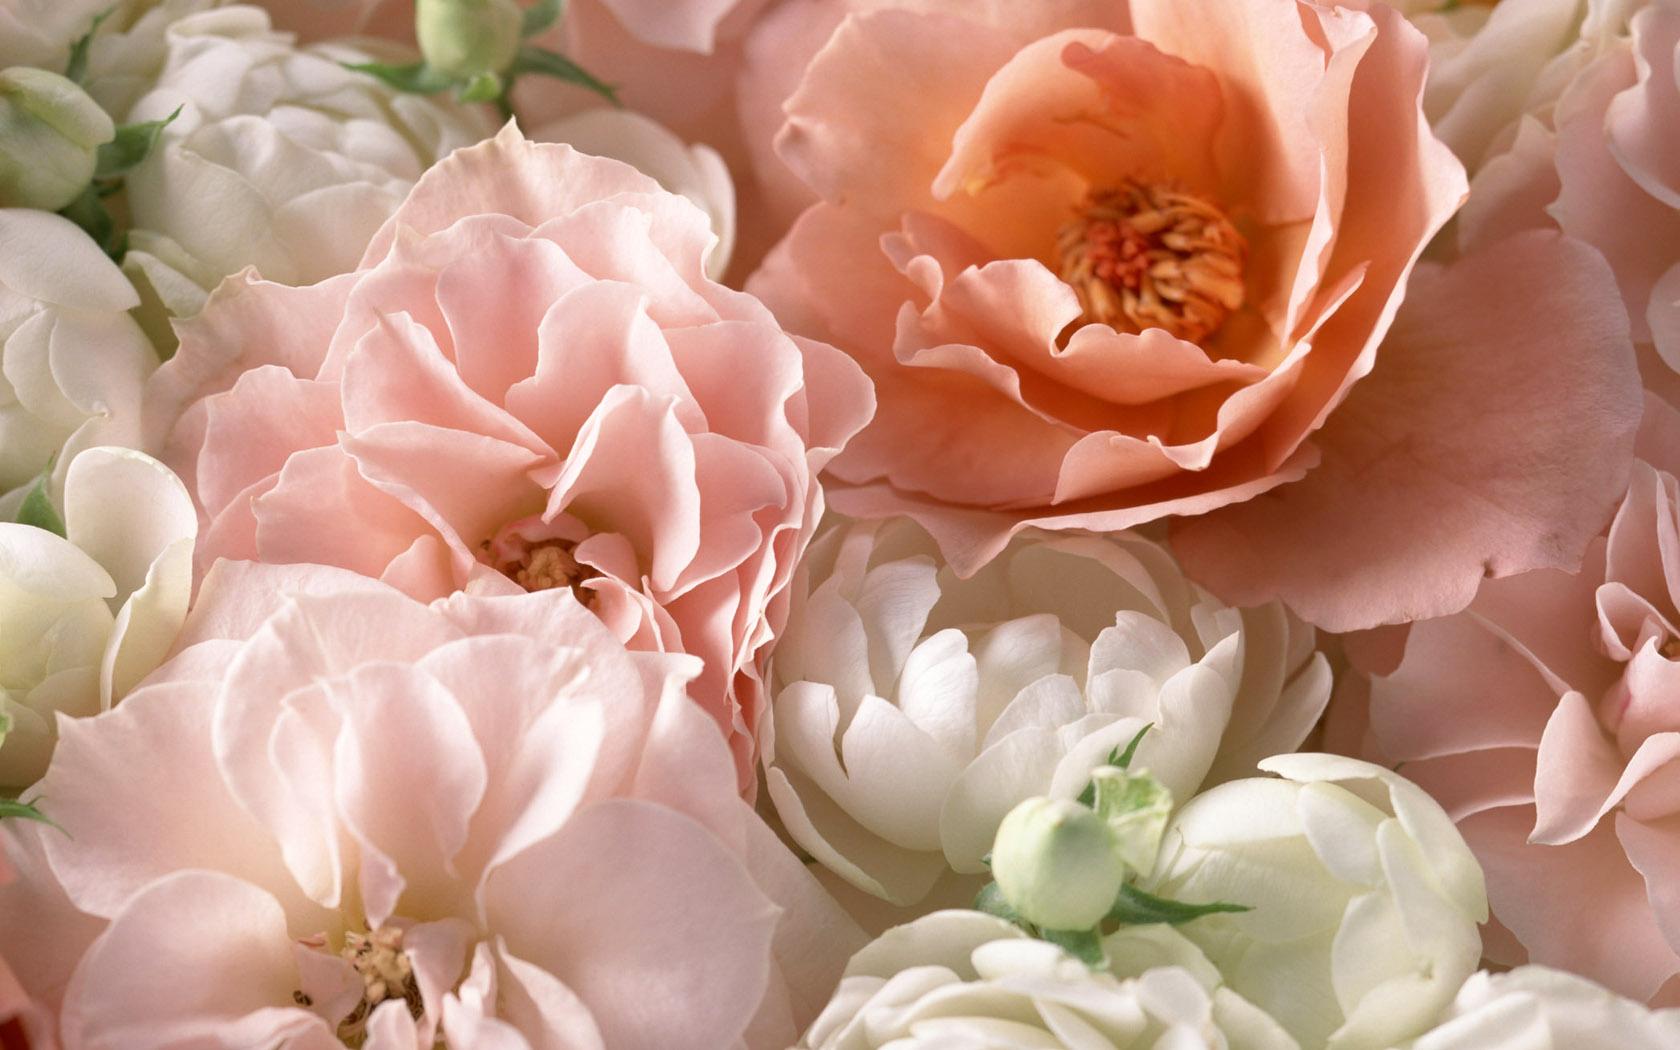 картинки высокого разрешения пастель цветы многие знают, что